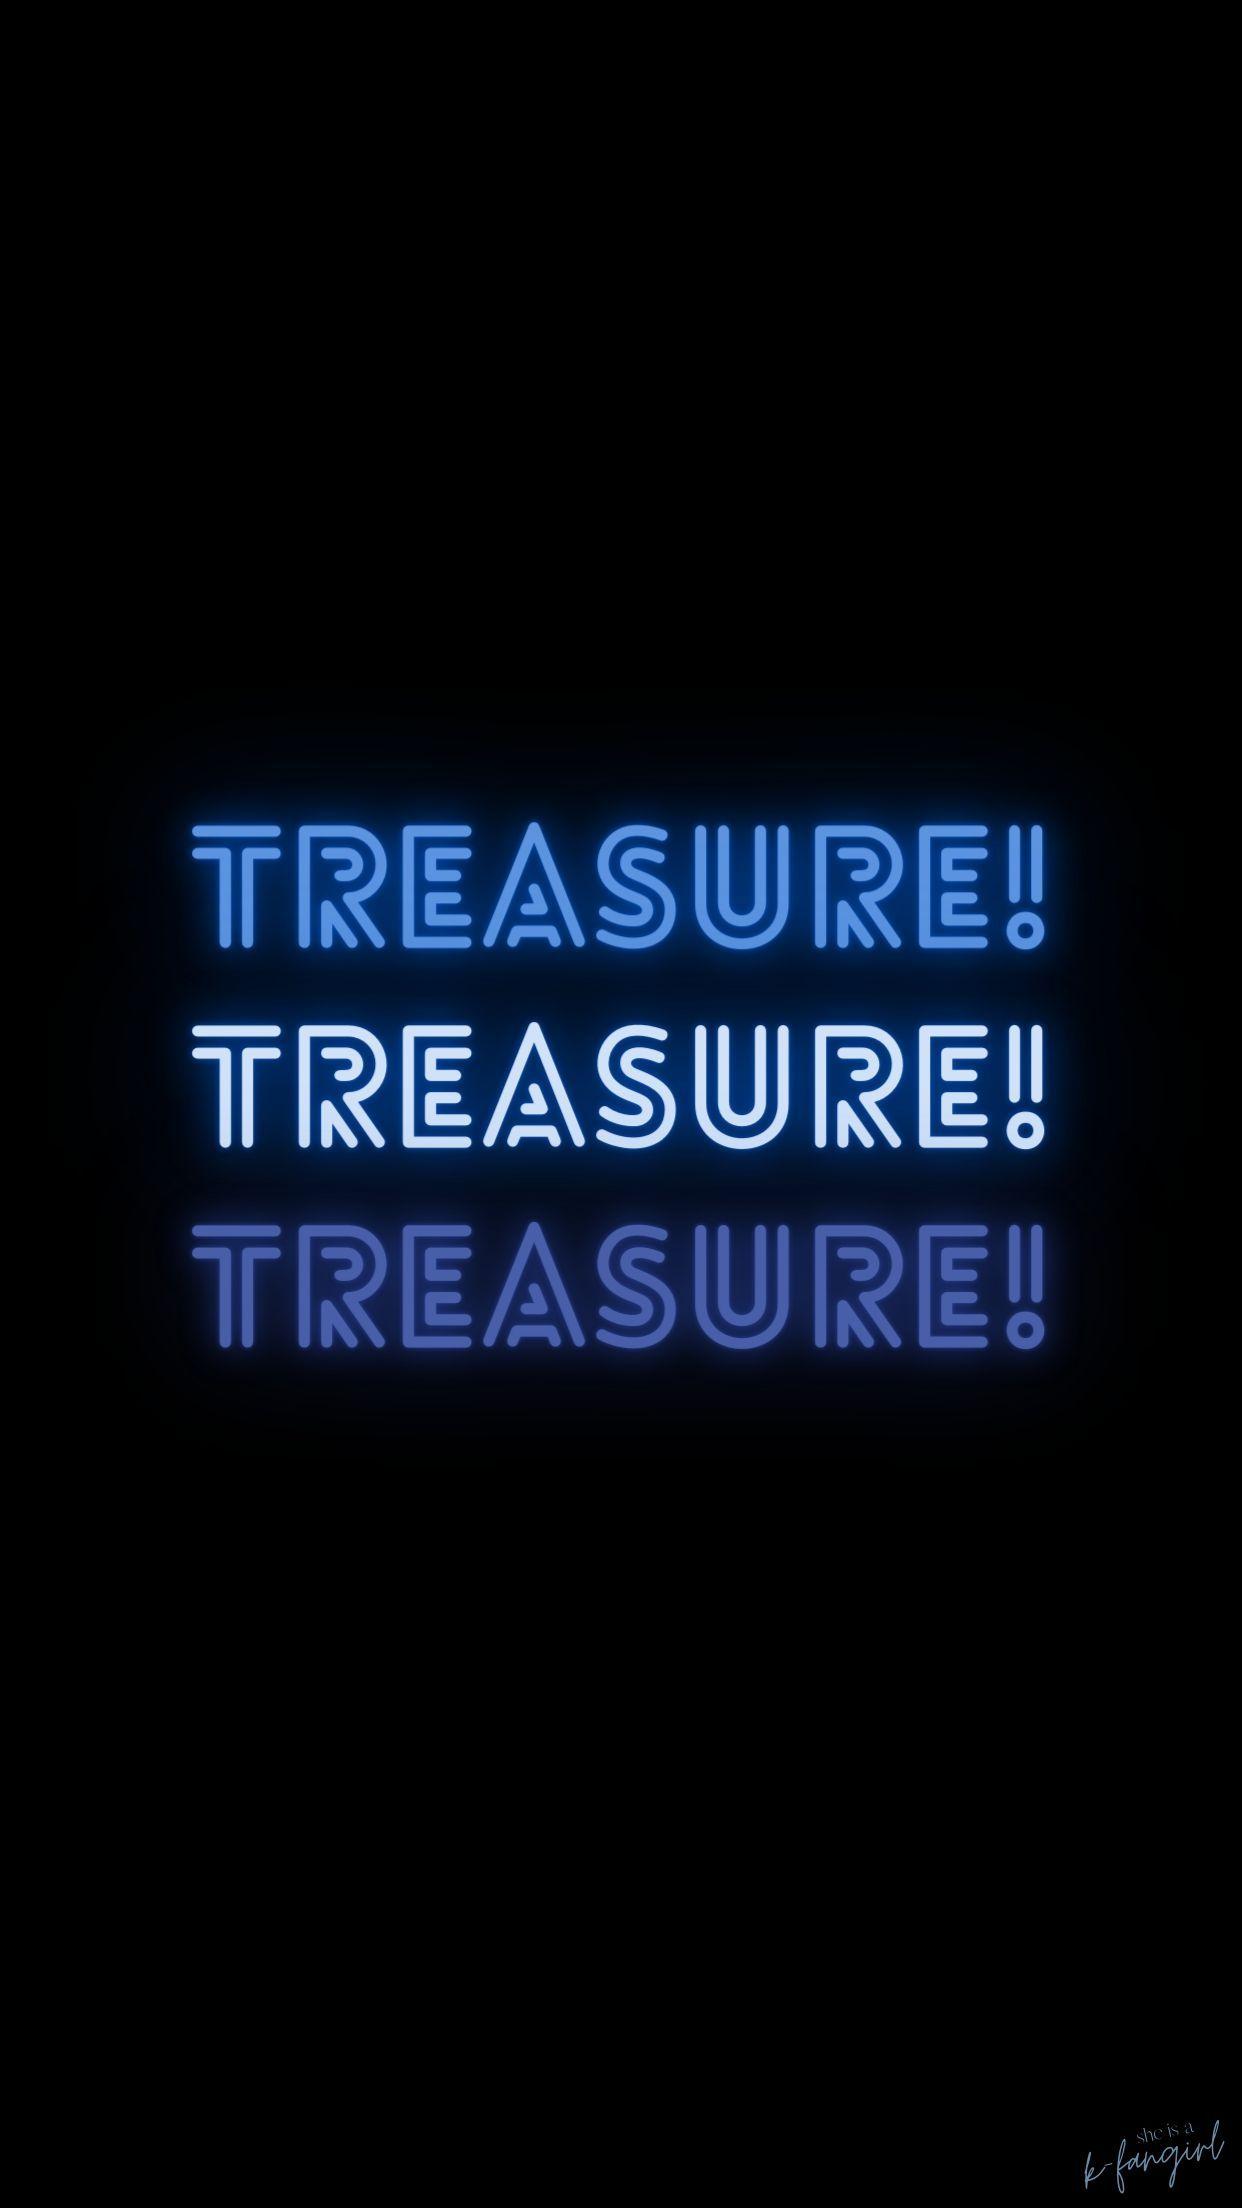 Treasure Lockscreen Wallpaper Ponsel Artis Kelas Fotografi